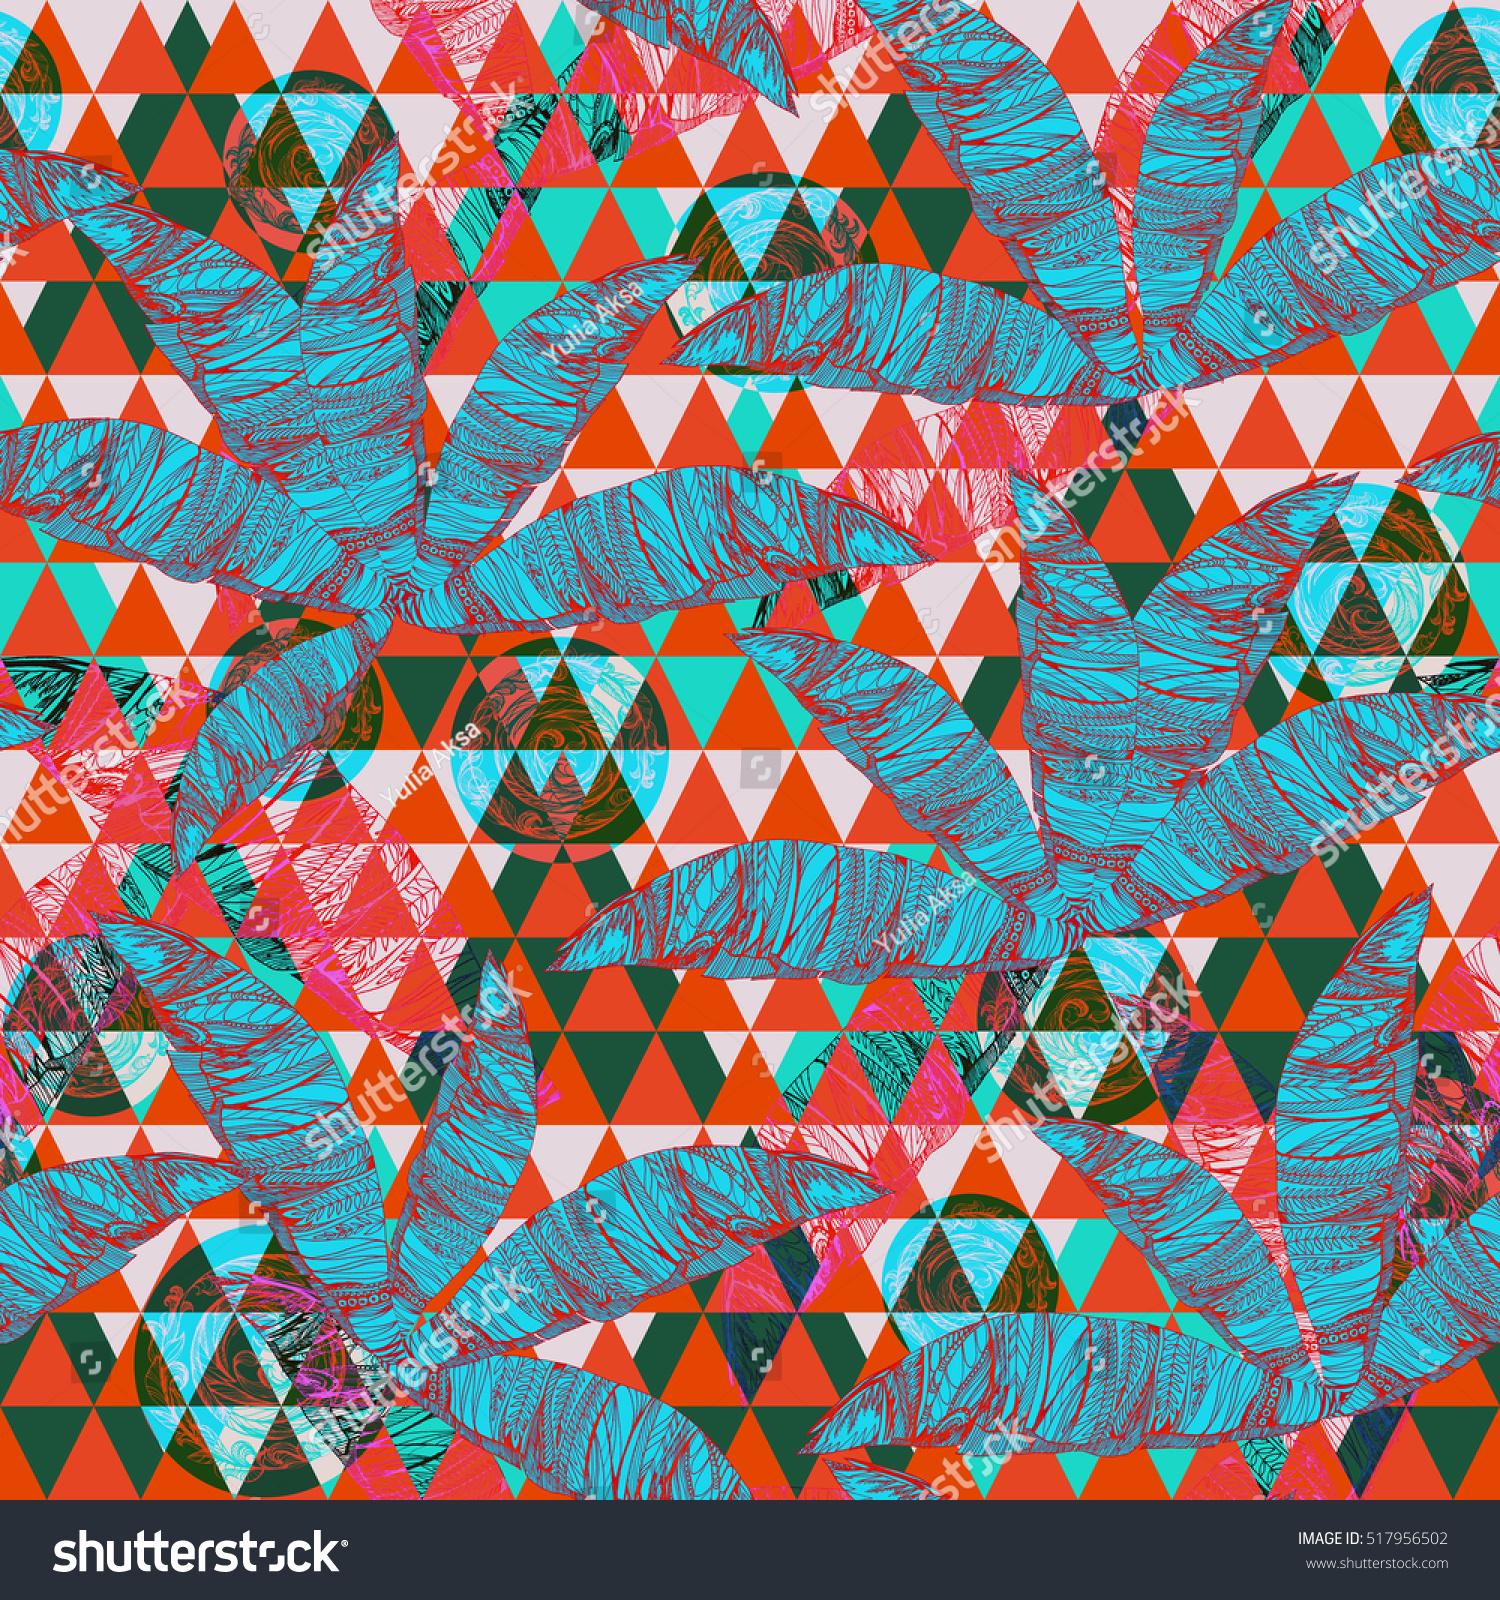 Amazing pattern photo